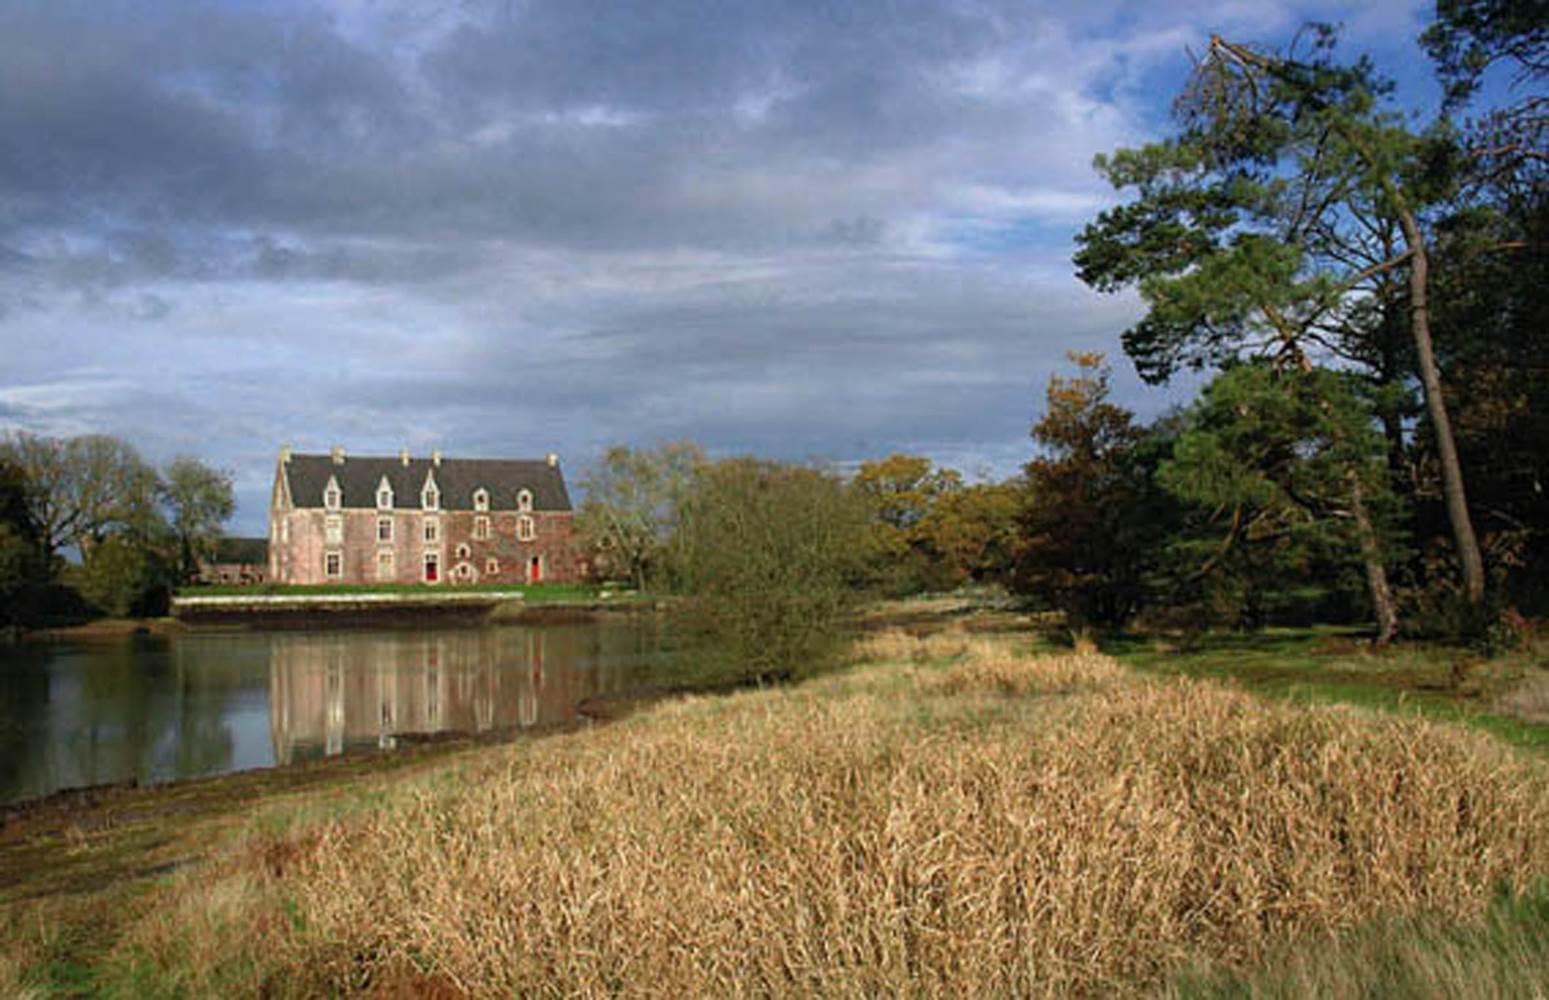 Château de Comper © Centre Imaginaire Arthurien